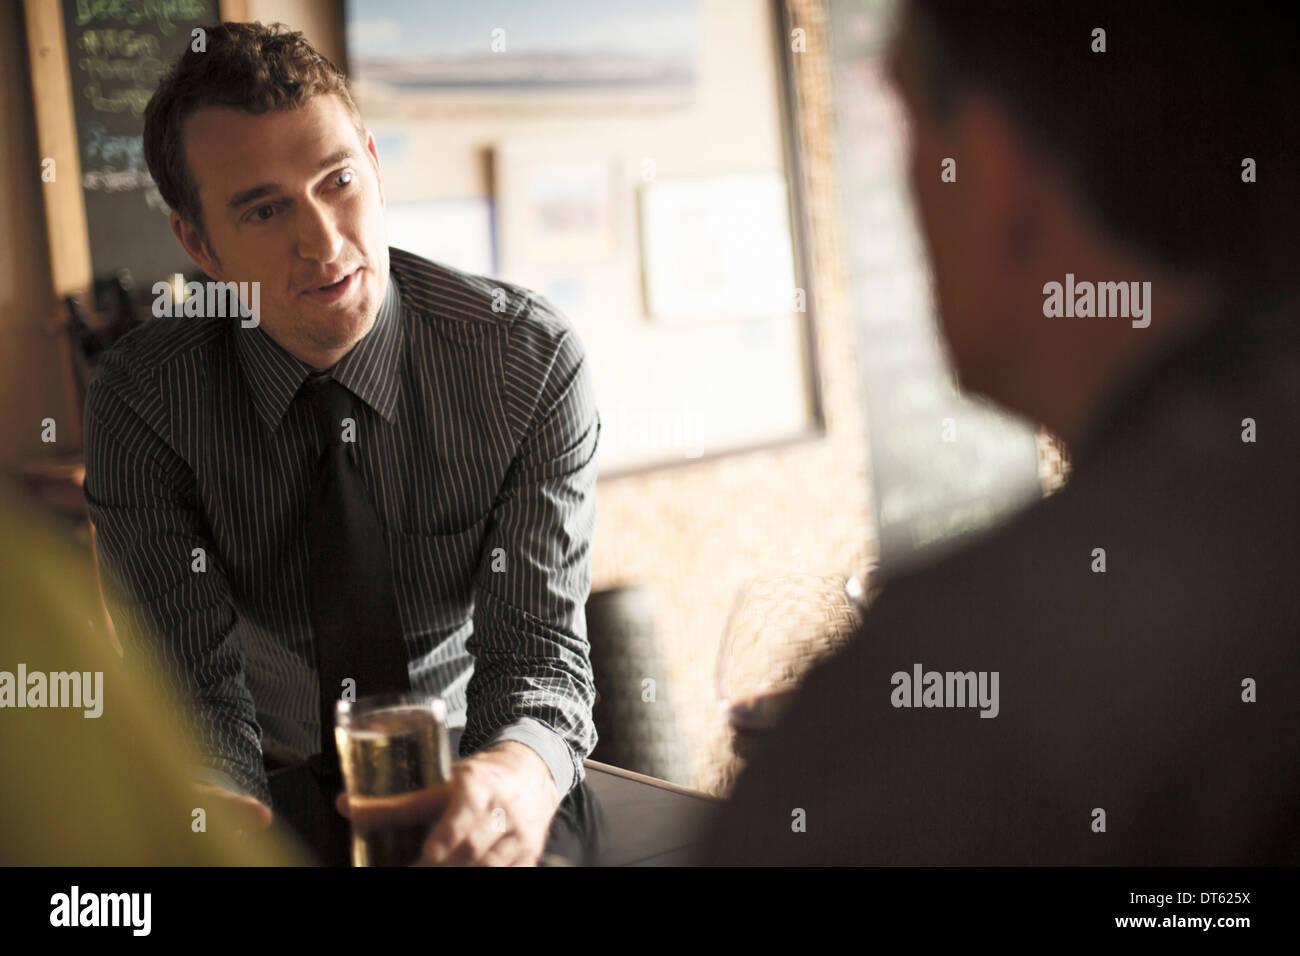 Los compañeros de negocio disfrutando de un trago en un bar de vinos Imagen De Stock